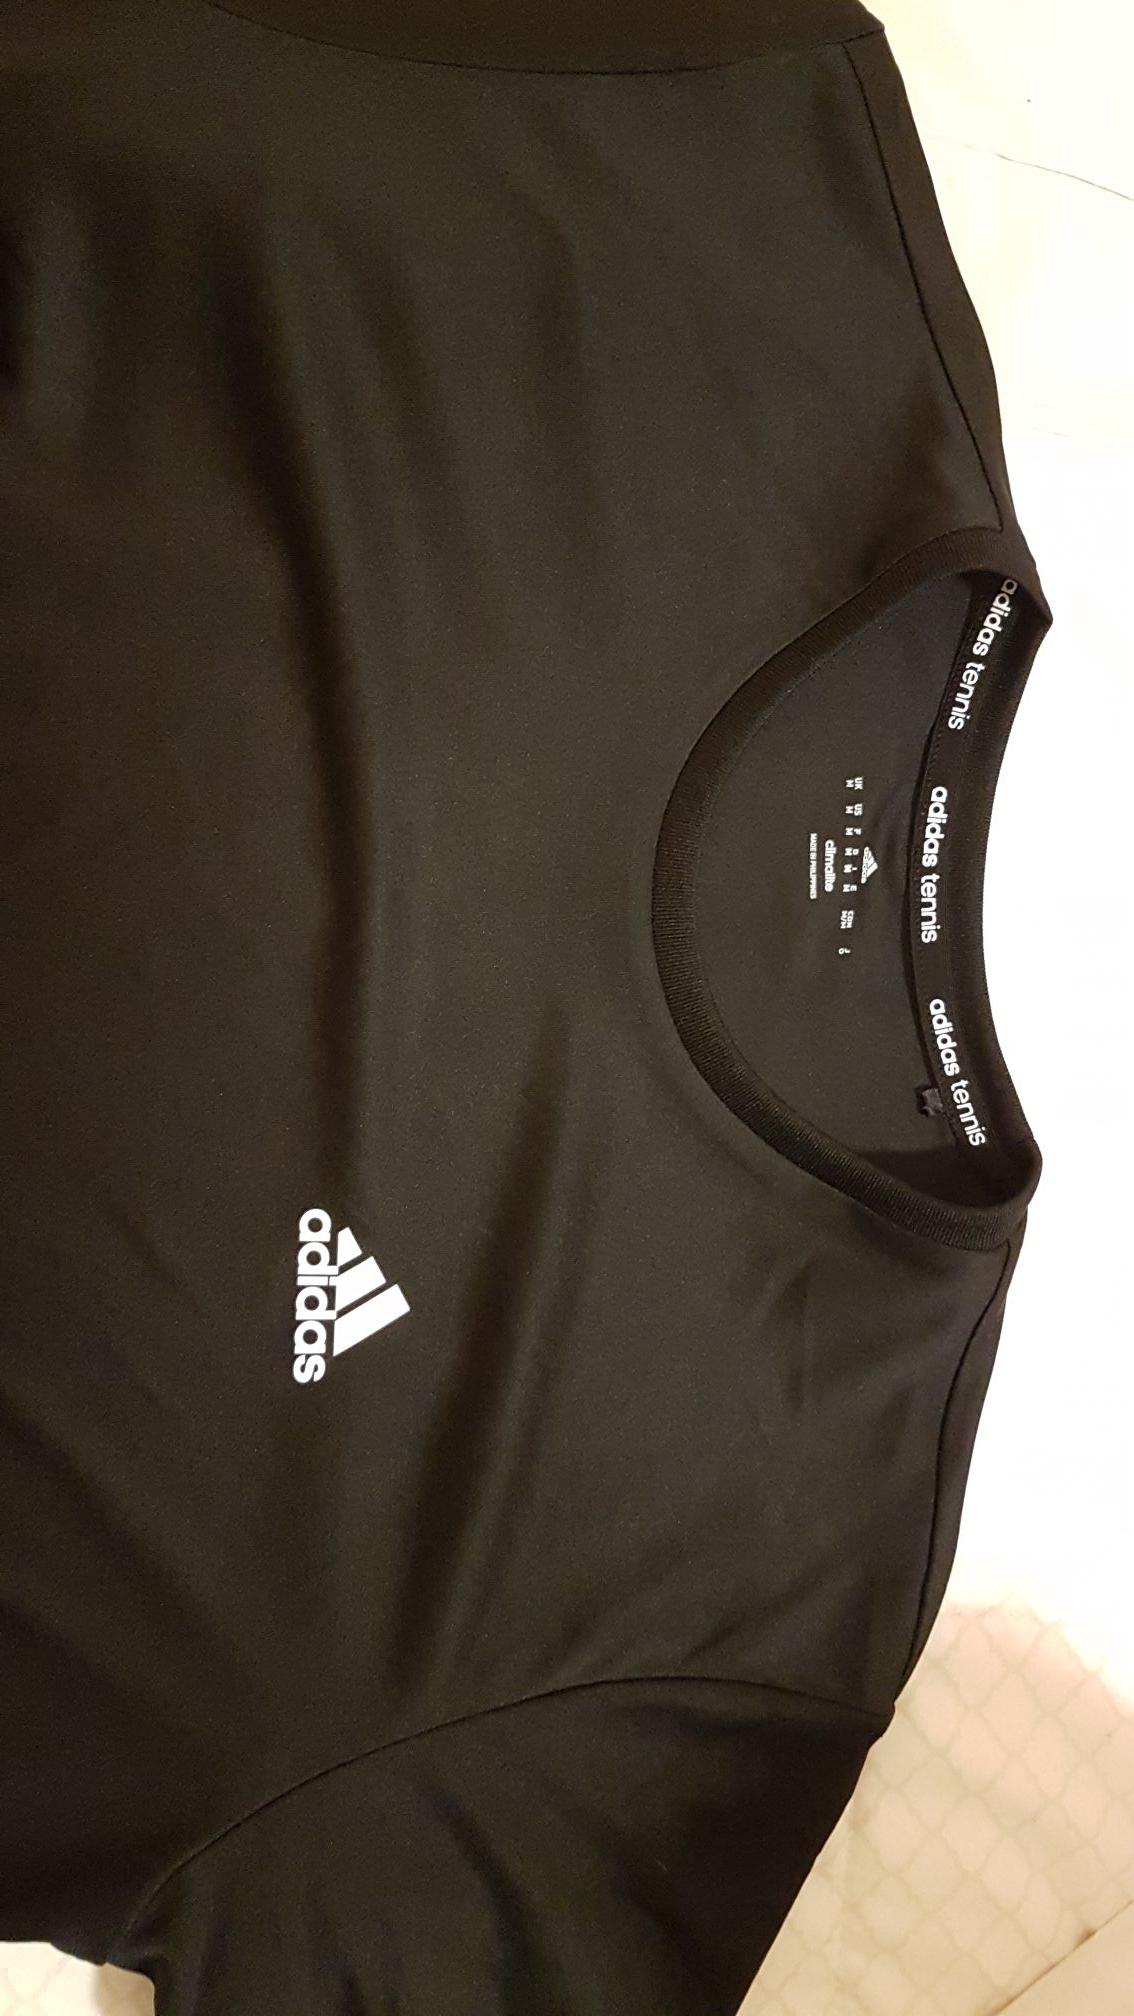 Tienda Adidas Playera de entrenamiento tennis